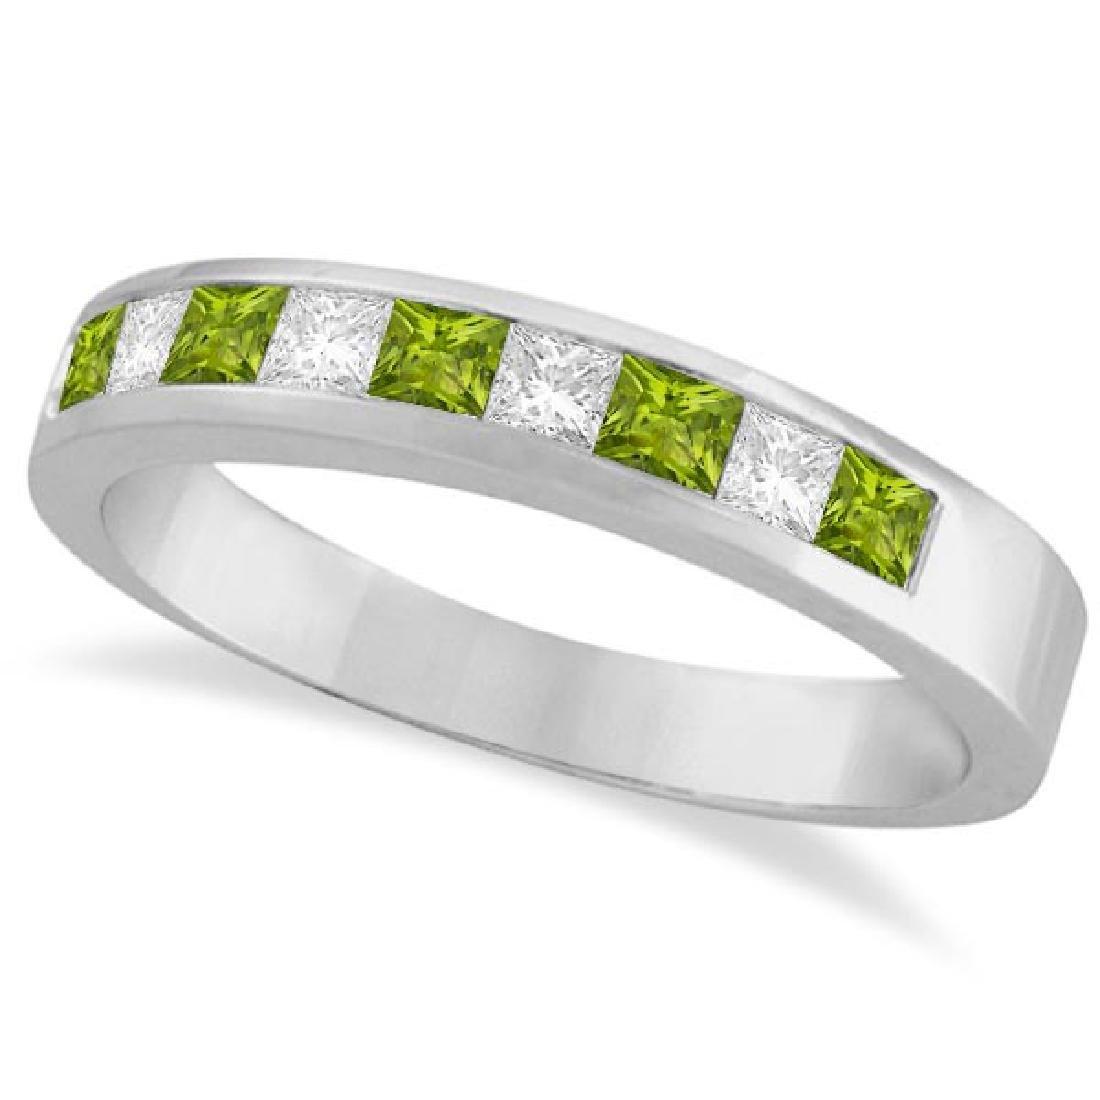 Princess Channel-Set Diamond and Peridot Ring Band 14K